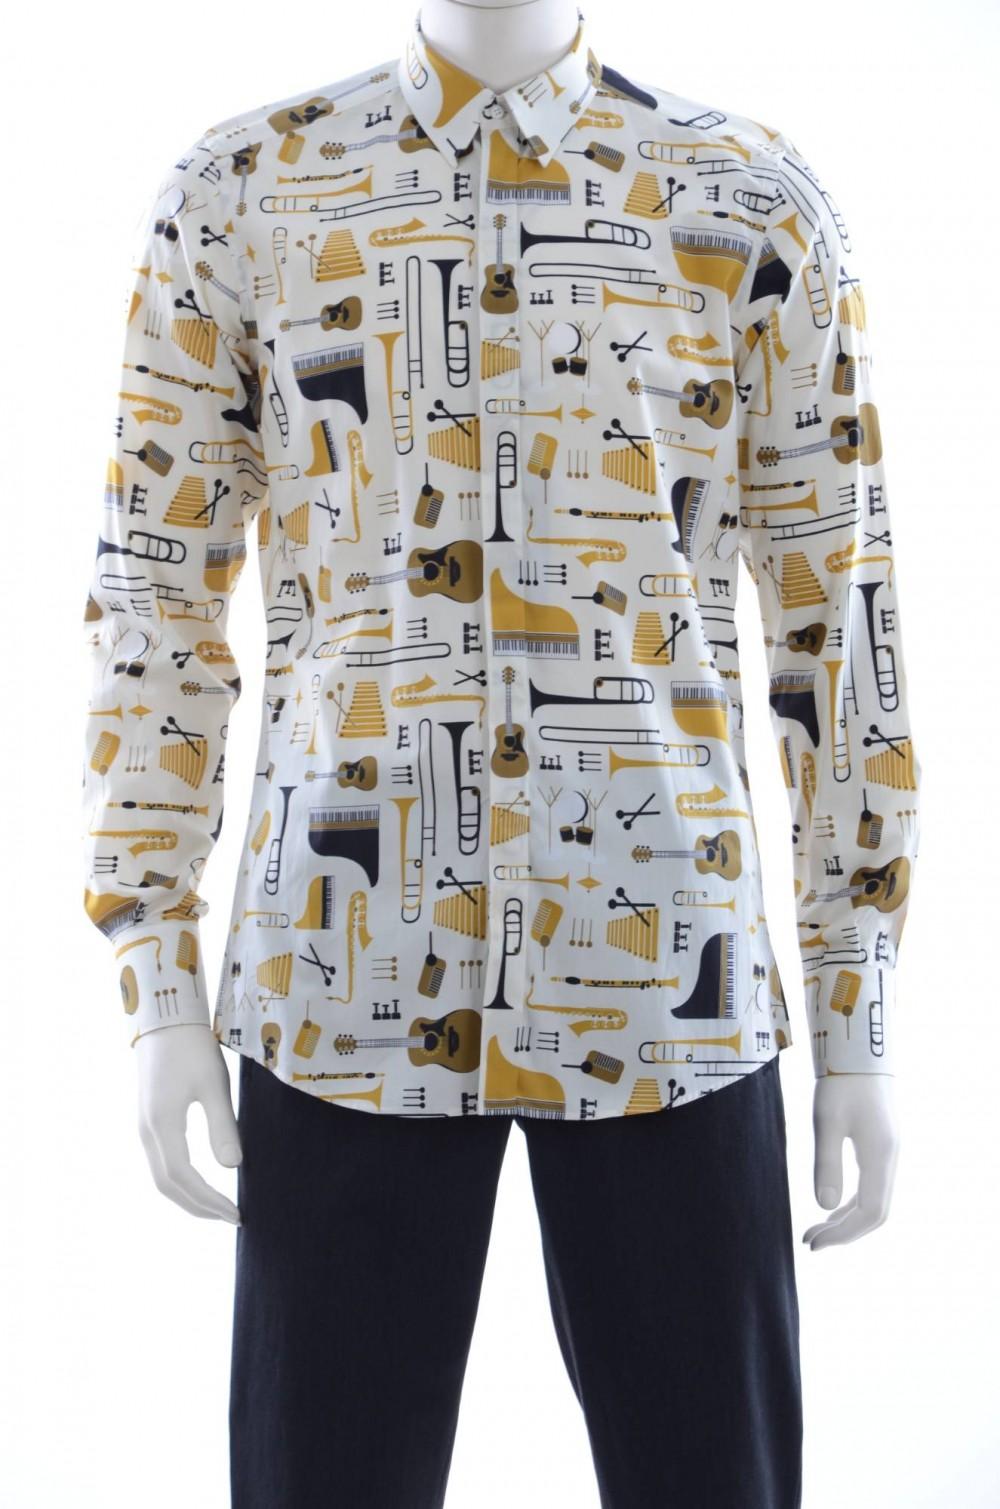 84a189871b633 Spazio - Outlet fashion Dolce   Gabbana